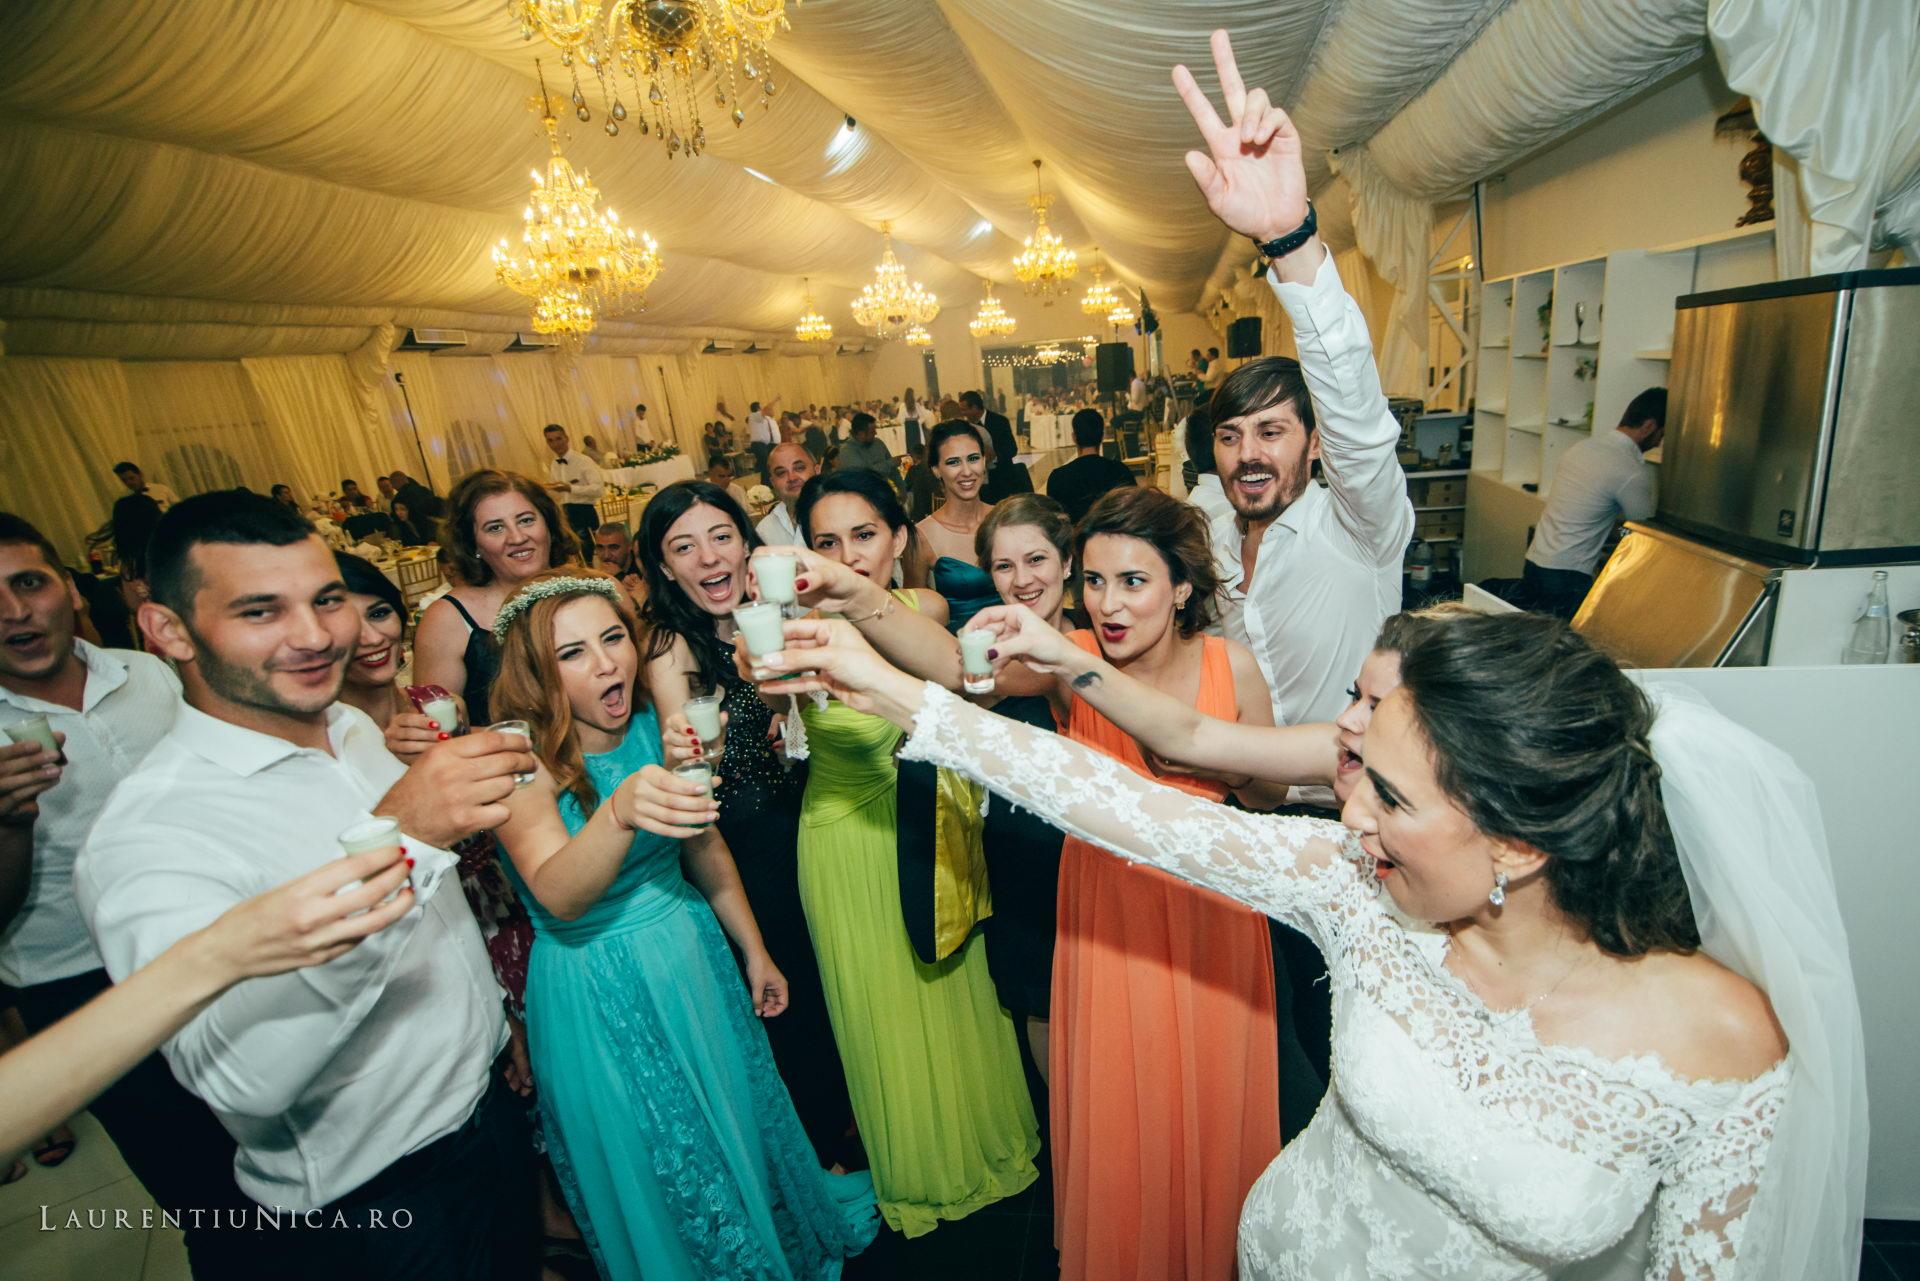 Cristina si Ovidiu nunta Craiova fotograf laurentiu nica 148 - Cristina & Ovidiu | Fotografii nunta | Craiova